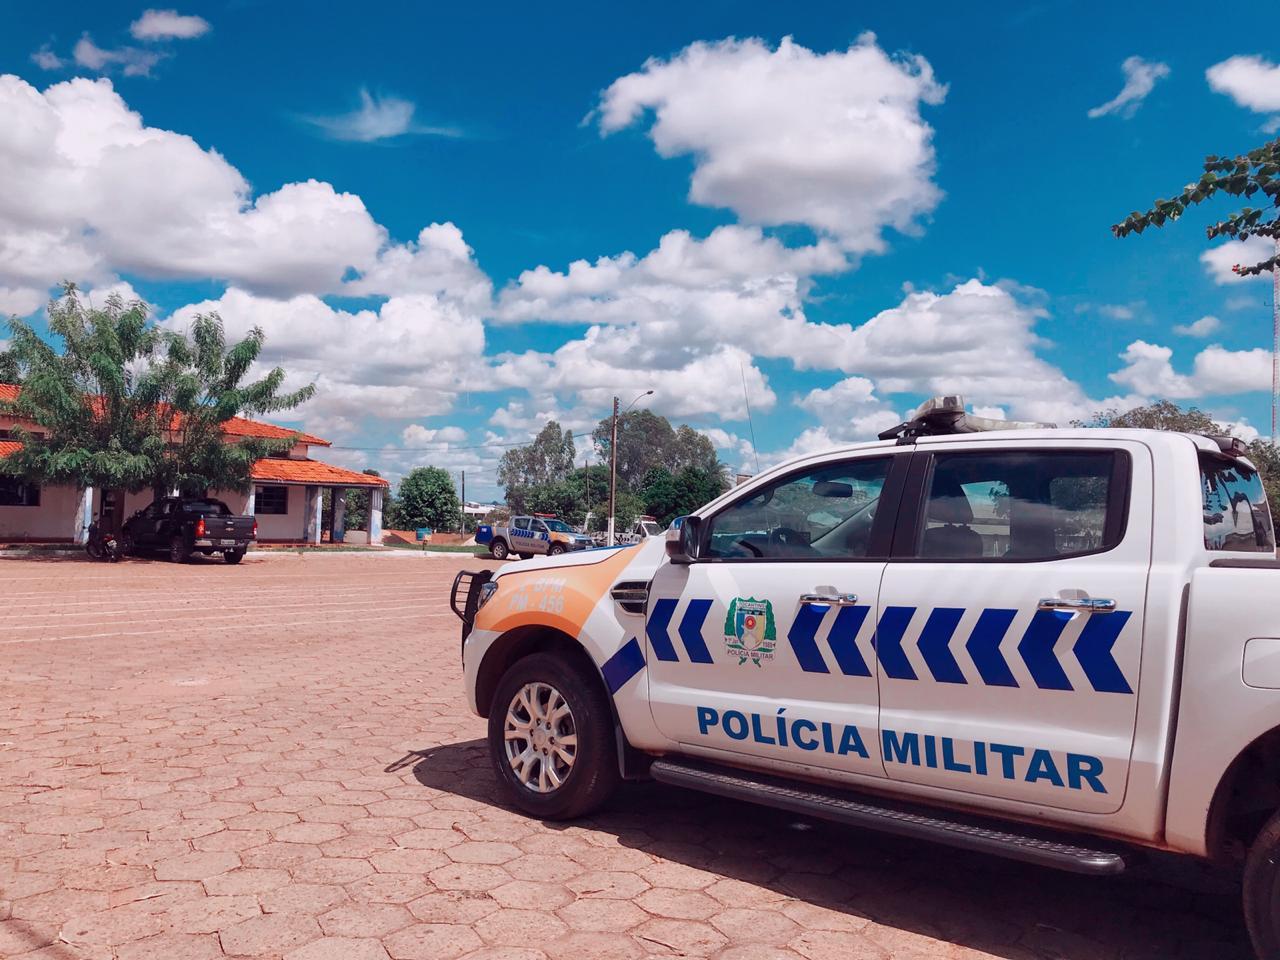 PM pede ação penal contra homem que incitou população a descumprir isolamento em Araguaína